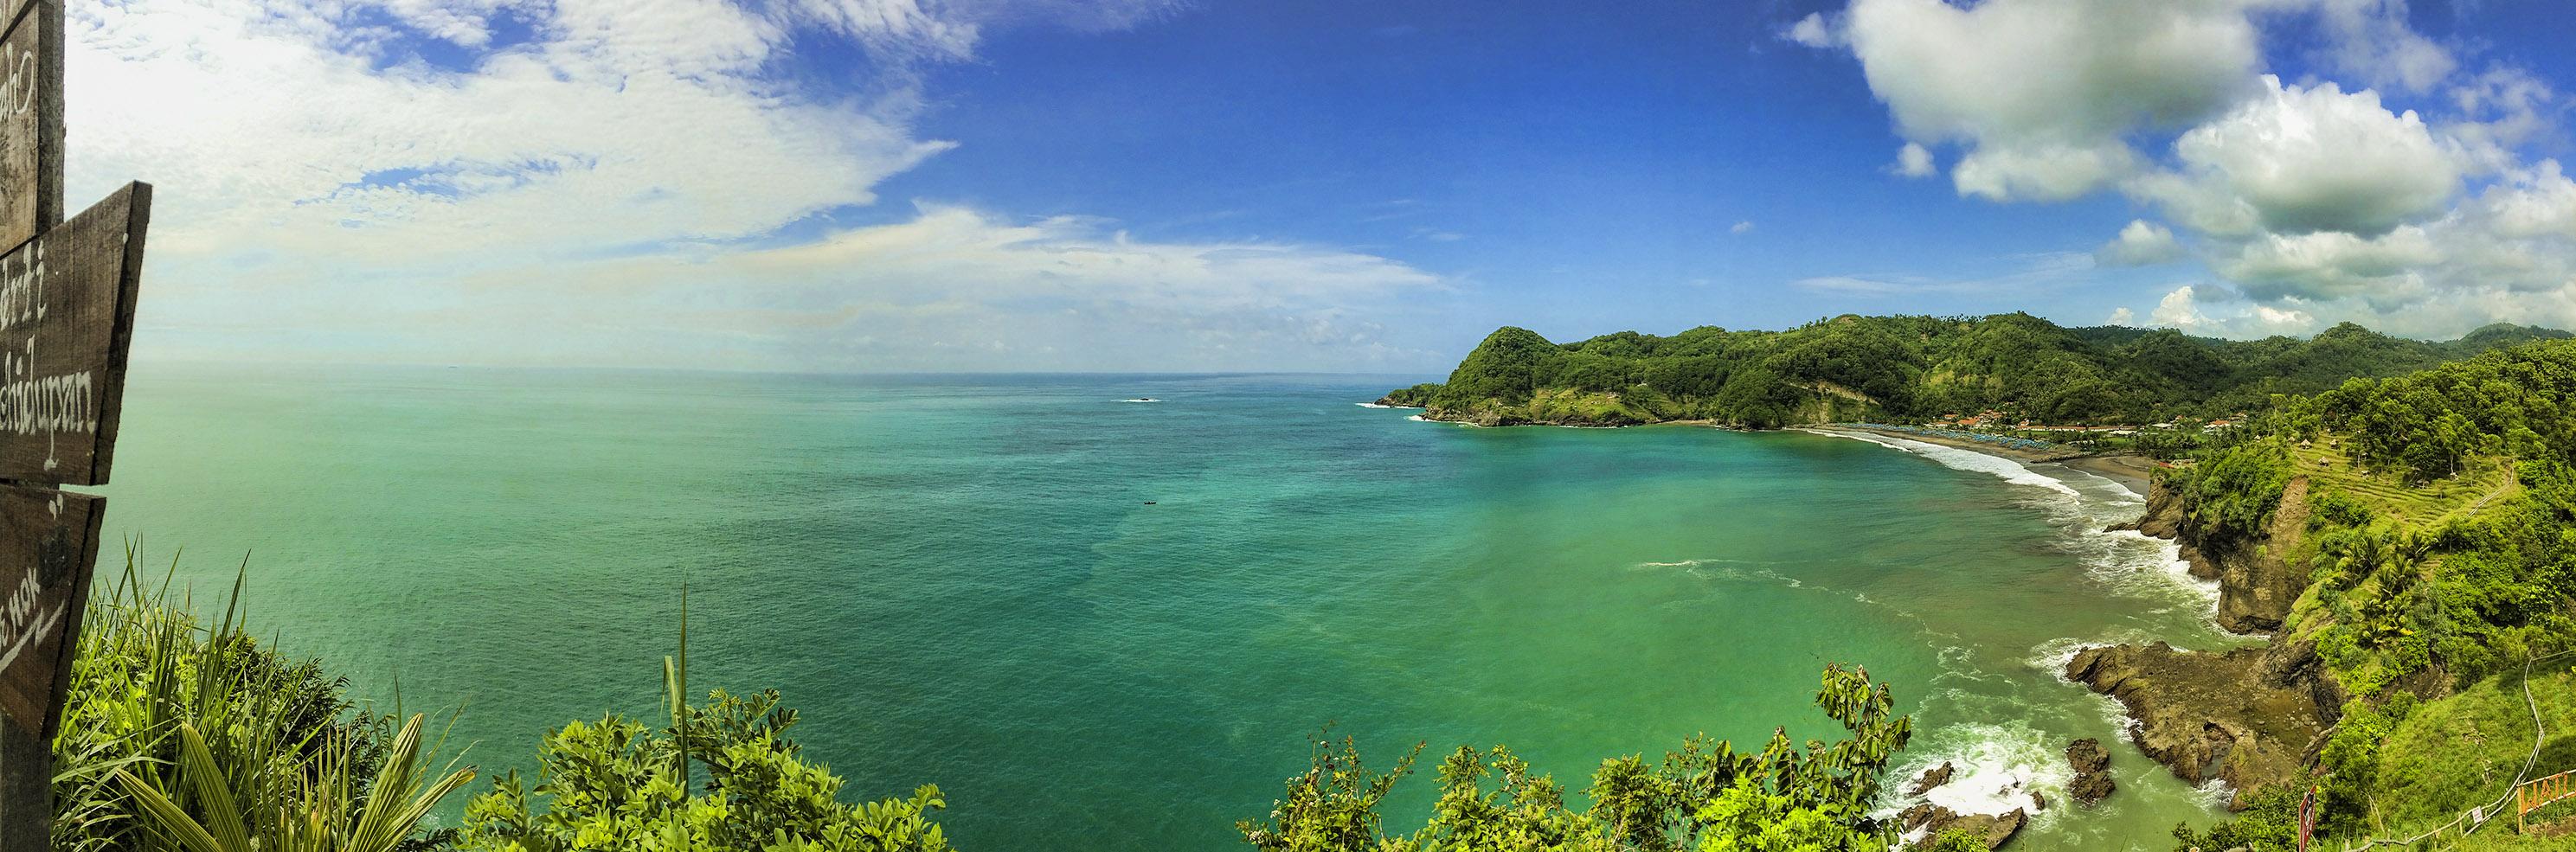 menikmati samudra hindia diatas tebing pantai patemon atau pantai watu pawon